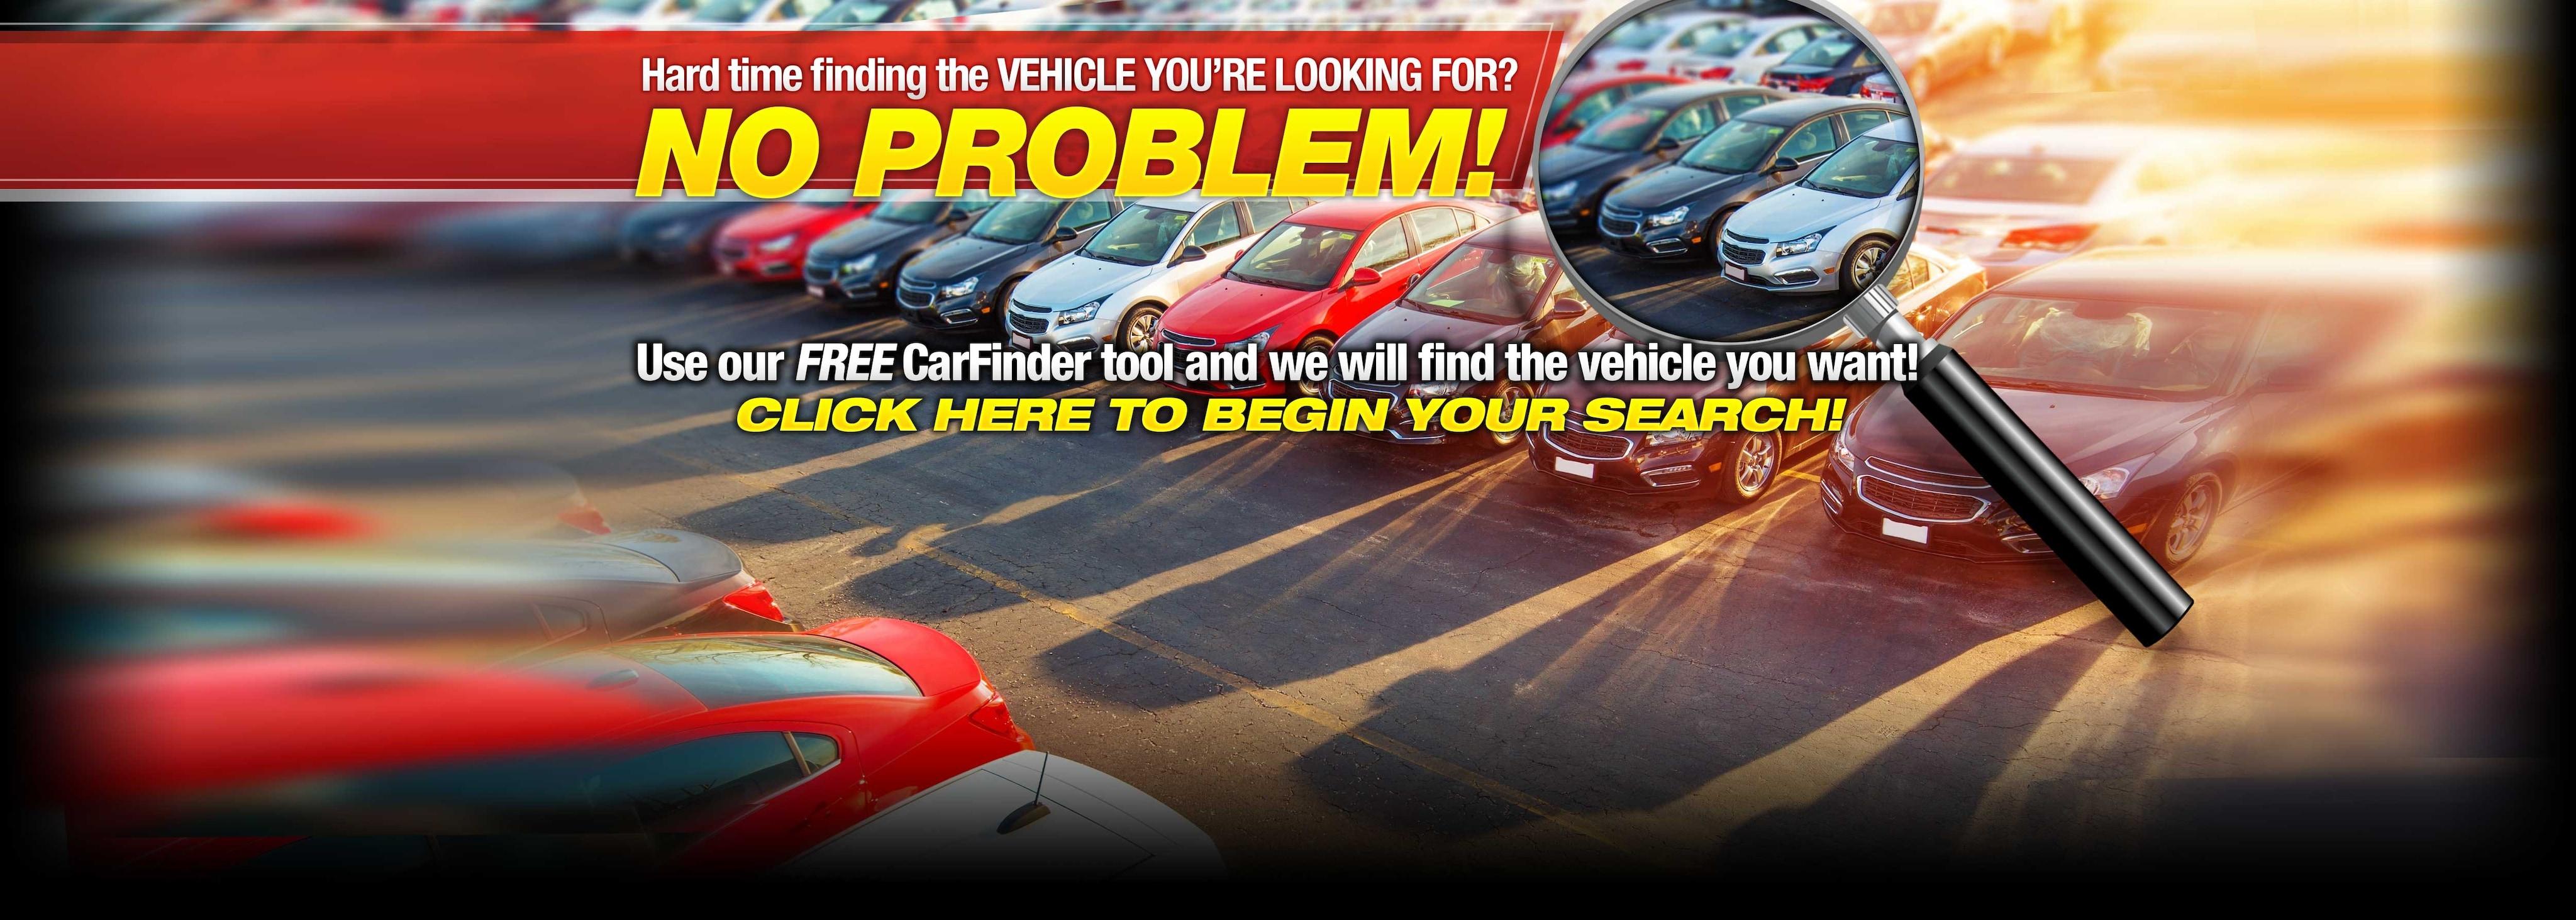 2008 Ford Explorer Transmission Problems